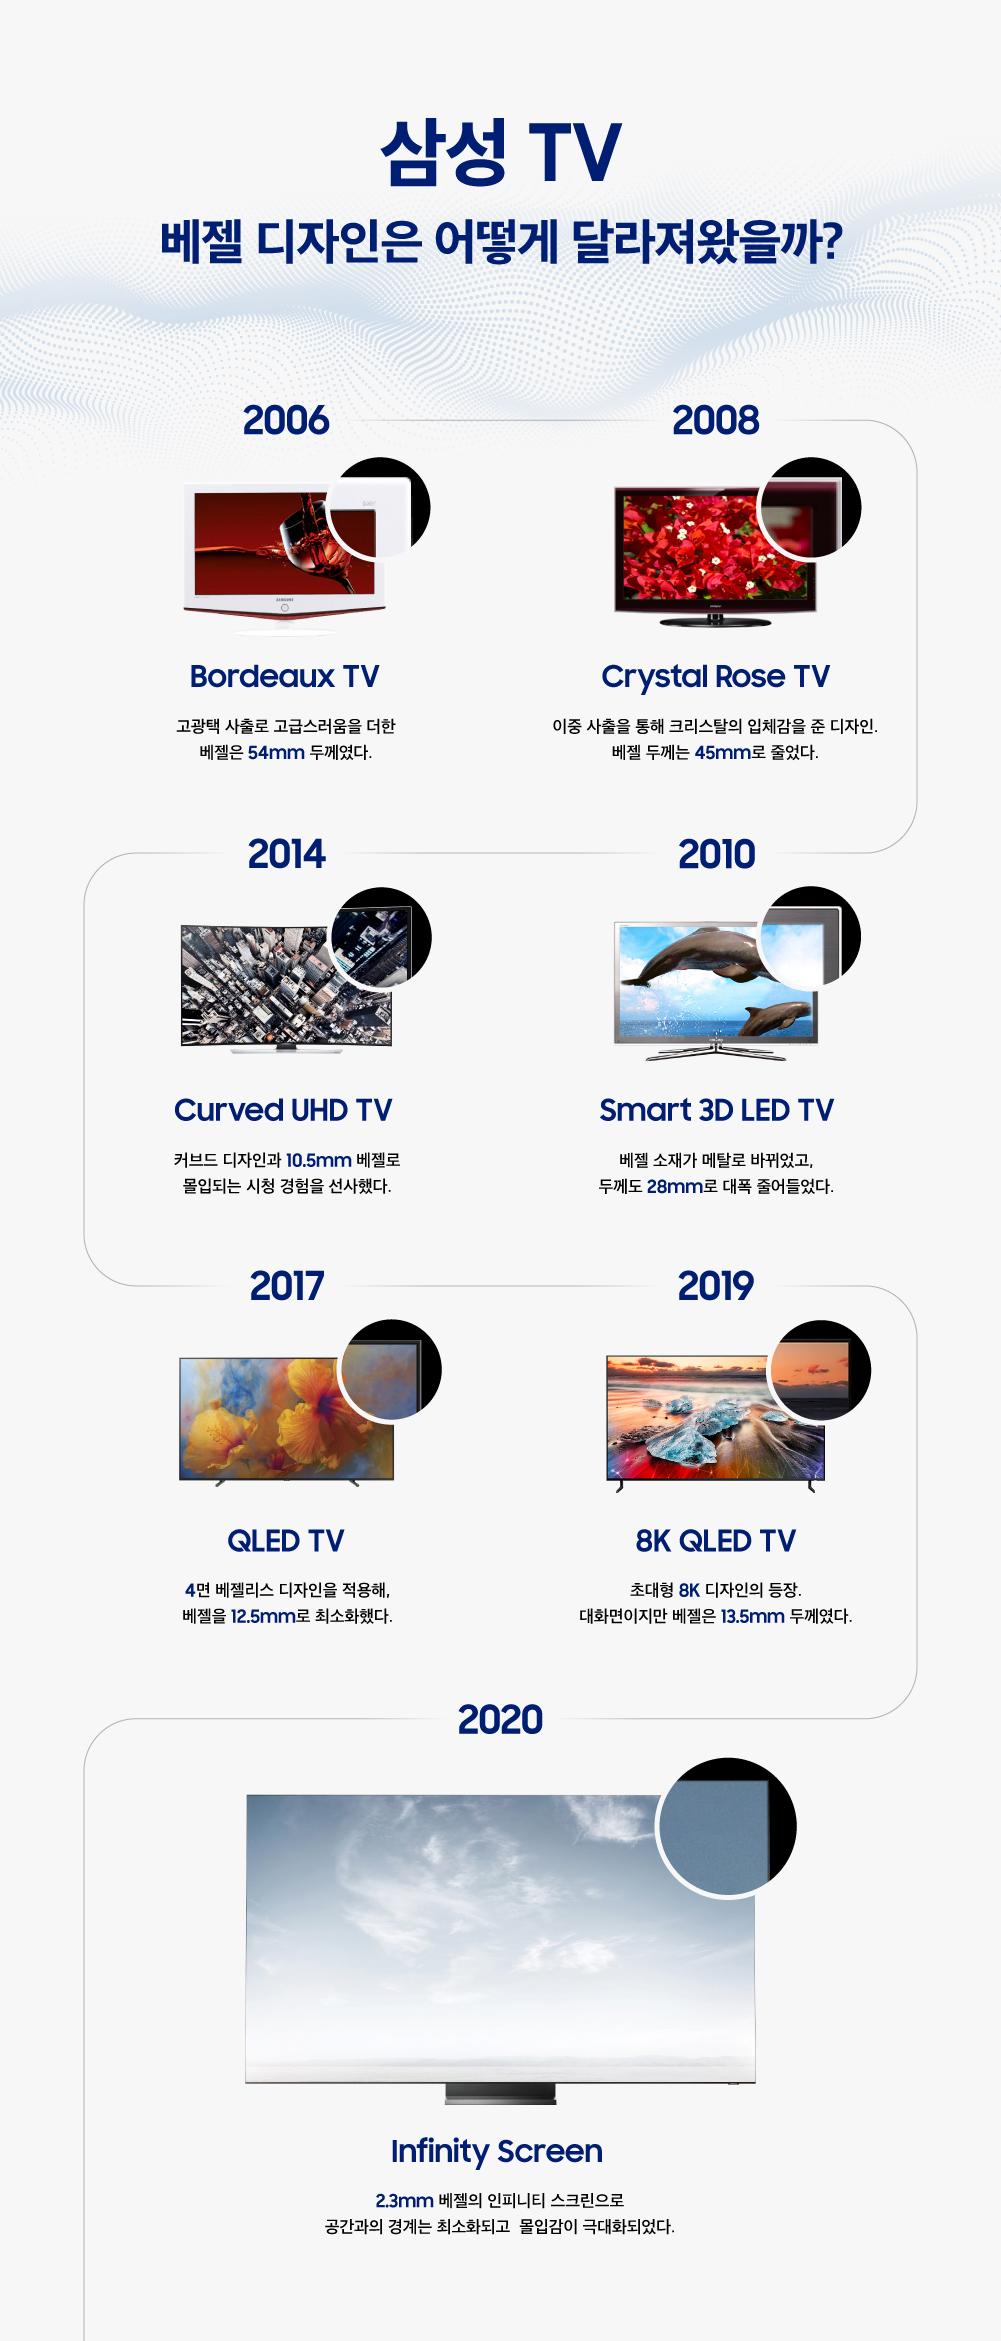 삼성 TV 베젤 디자인은 어떻게 달라져왔을까? 2006 bordeaux tv 고광택 사출로 고급스러움을 더한 베젤은 54mm 두께였다. 2008 crystal rose tv 이중 사출을 통해 크리스탈의 입체감을 준 디자인. 베젤 두께는 45mm로 줄었다. 2014 curved uhd tv 커브드 디자인과 10.5mm베젤로 몰입되는 시청 경험을 선사했다. 2010 smart 3d led tv 베젤 소재가 메탈로 바뀌었고, 두께도 28mm로 대폭 줄어들었다. 2017 QLED TV 4면 베젤리스 디자인을 적용해, 베젤을 12.5mm로 최소화했다. 2019 8K QLED TV 초대형 8K 디자인의 등장. 대화면이지만 베젤은 13.5mm 두께였다. 2020 infinity screen 203mm 베젤의 인피니티 스크린으로 공간과의 경계는 최소화되고 몰입감이 극대화되었다.